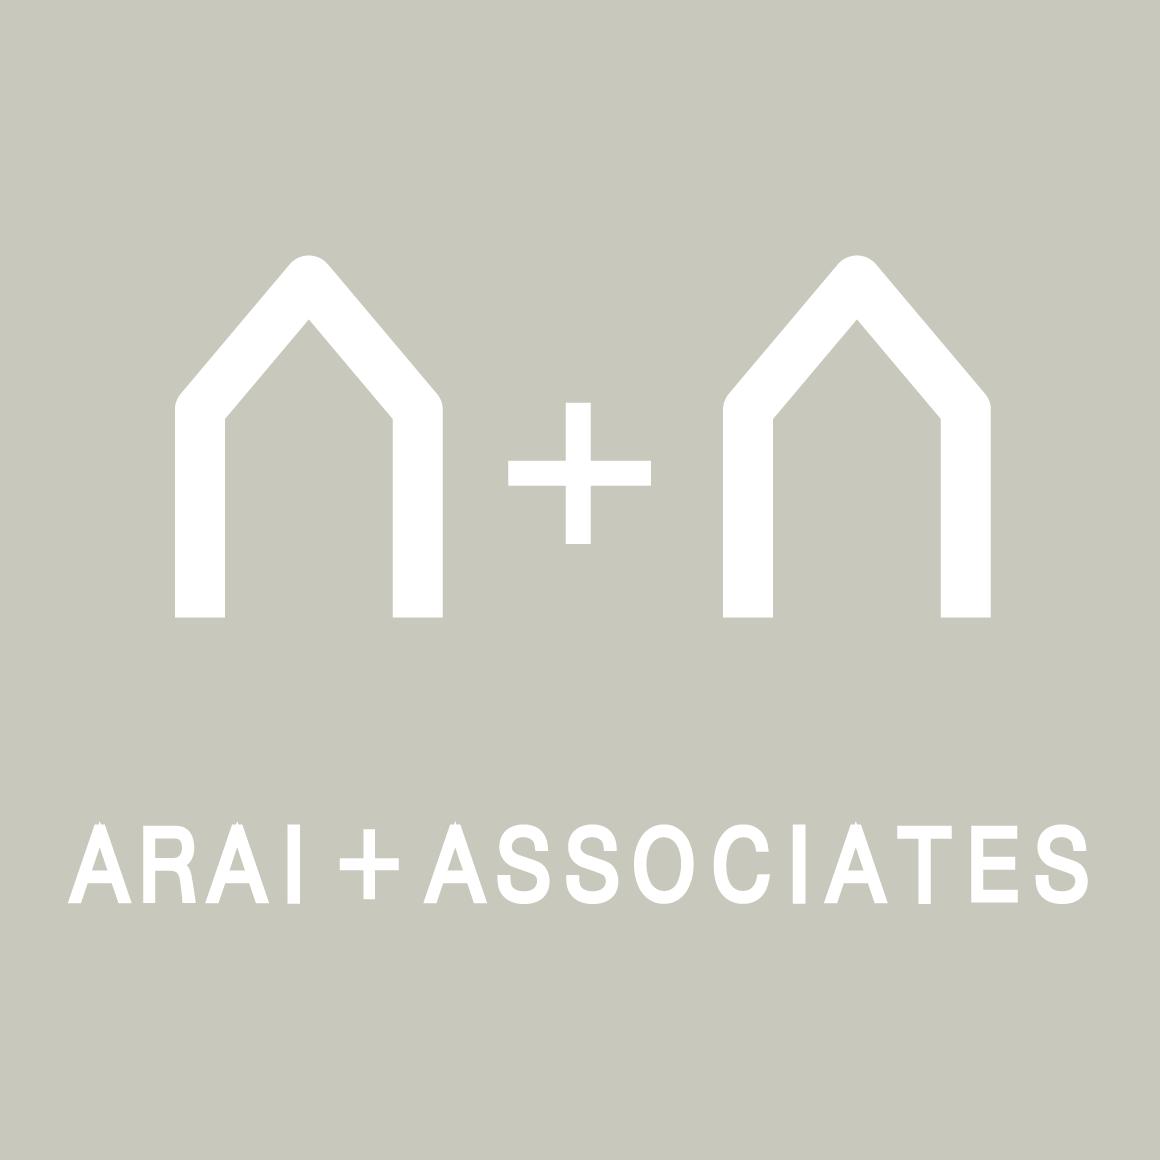 荒井好一郎建築設計室 Arai + Associatesプロフィール・ロゴ